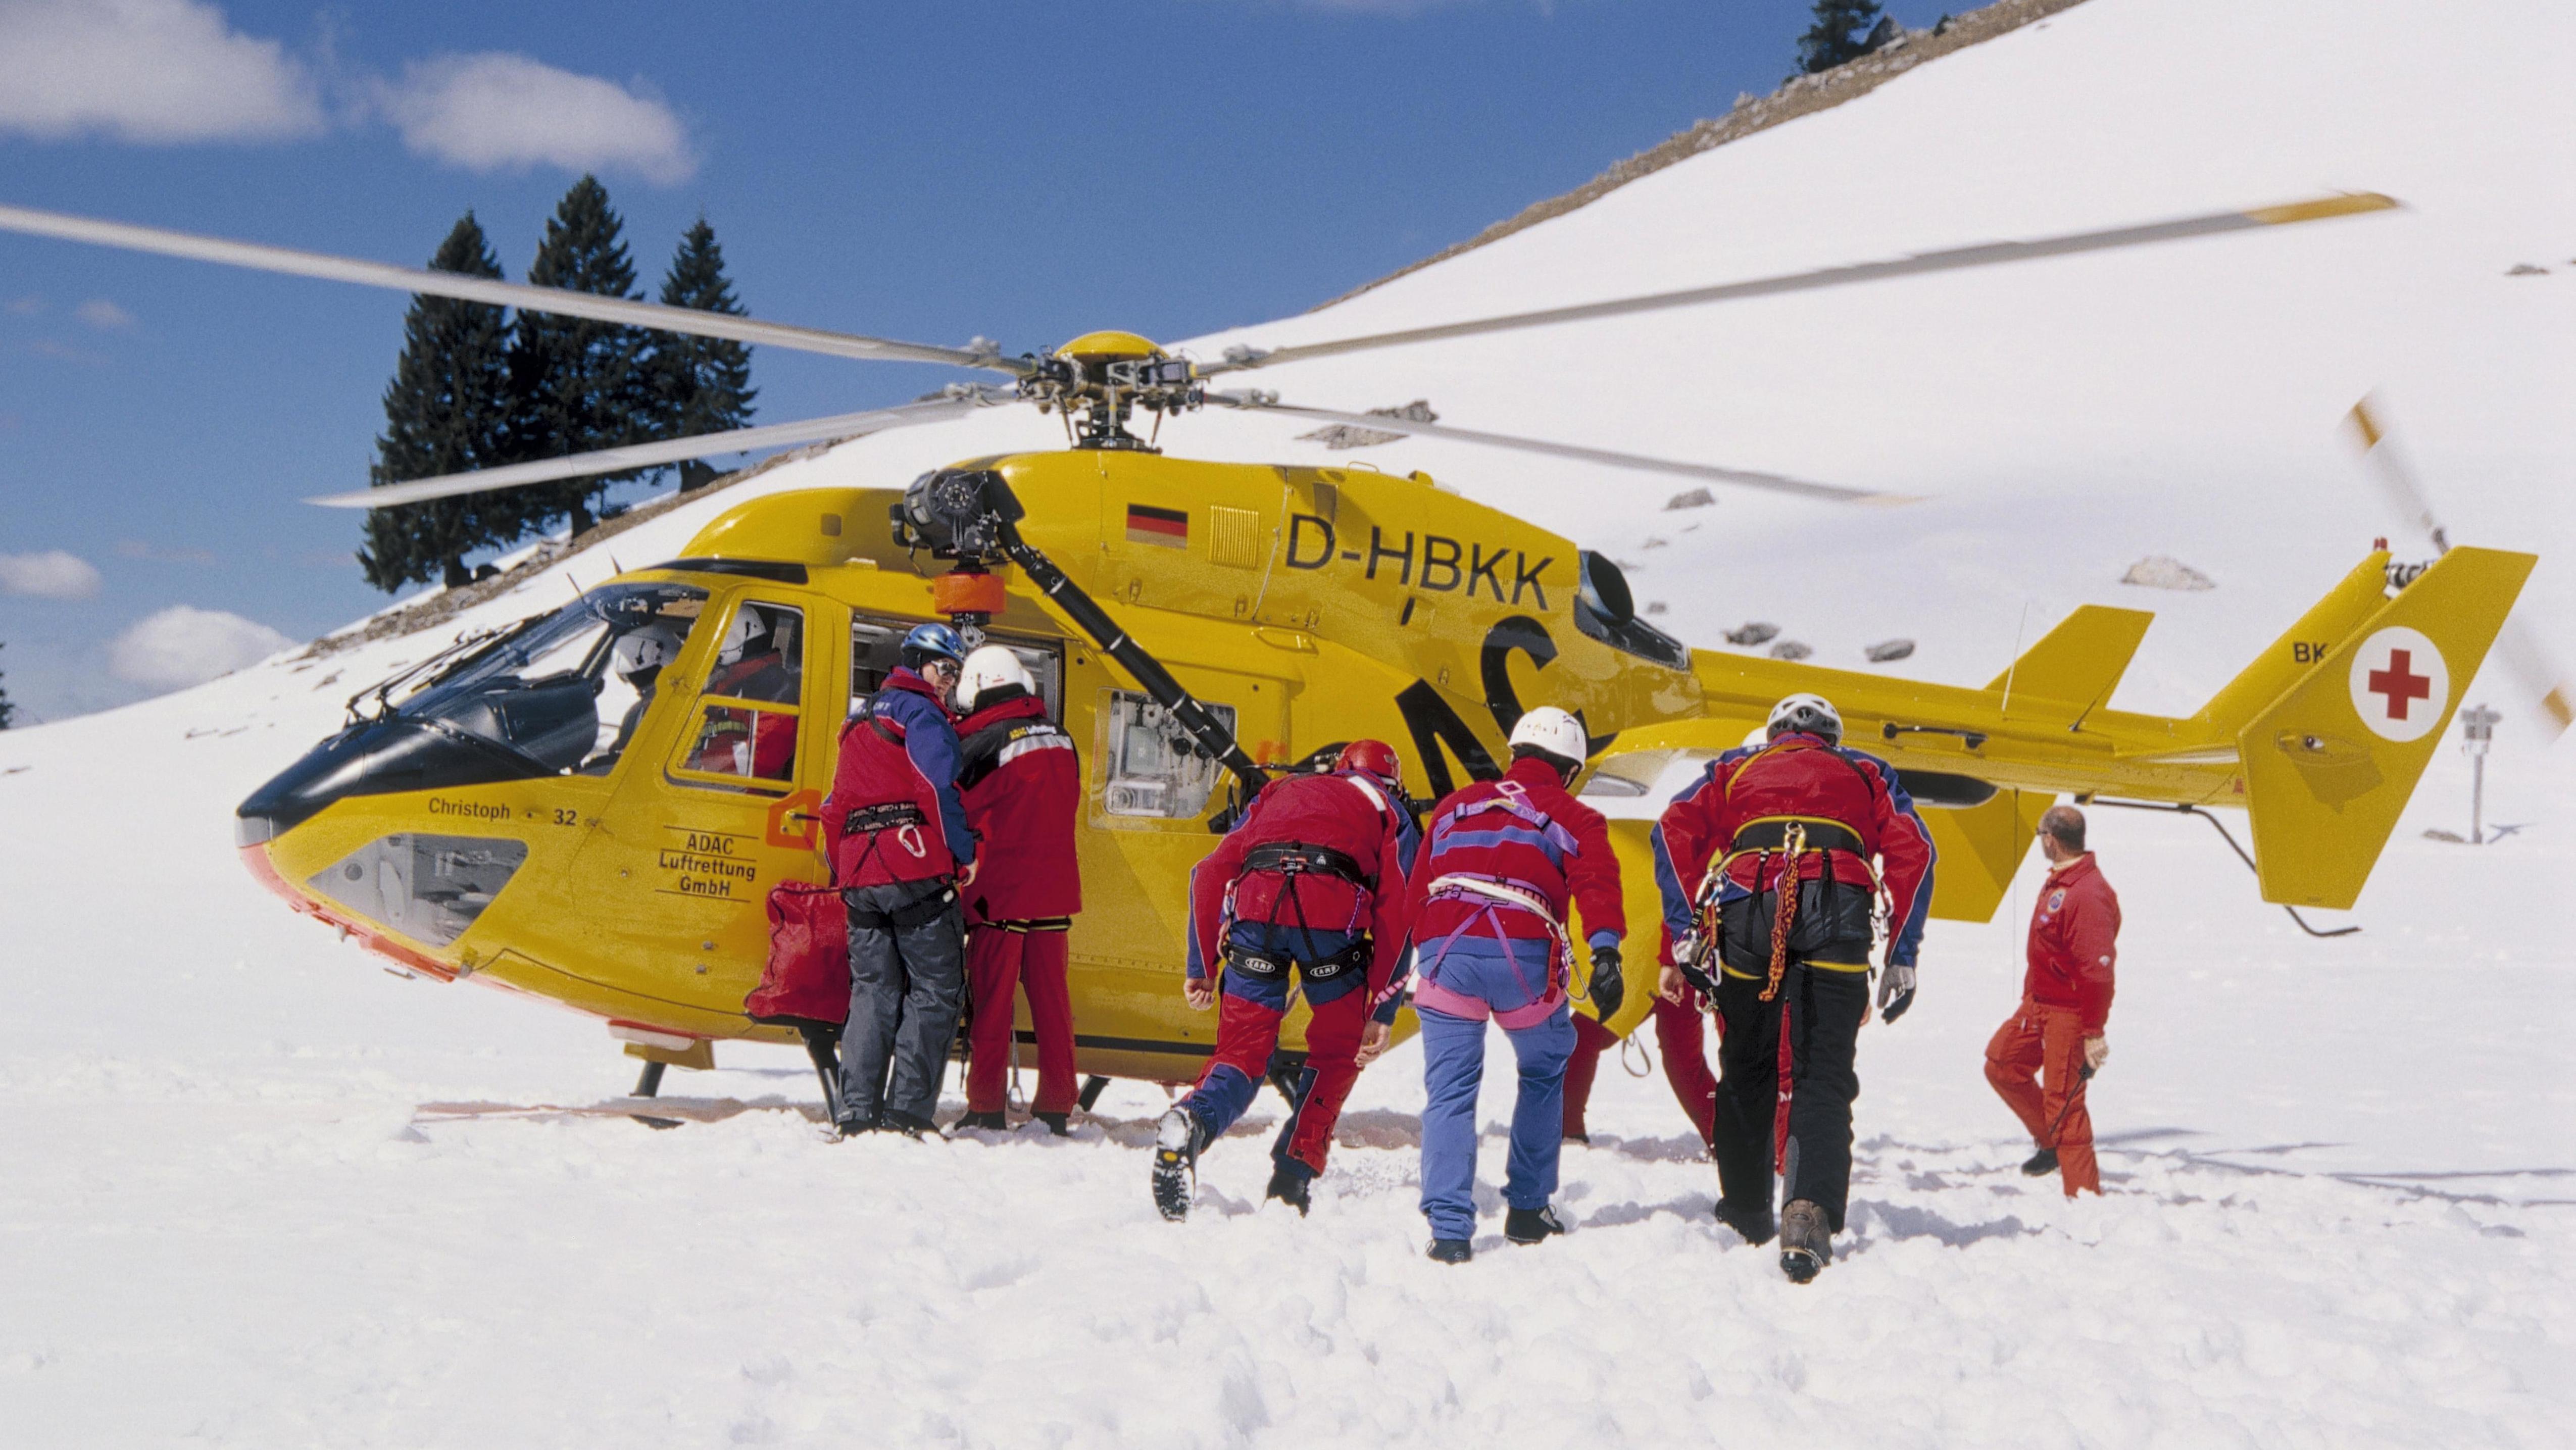 ADAC-Hubschrauber bei einer Bergrettung am Spitzingsee.